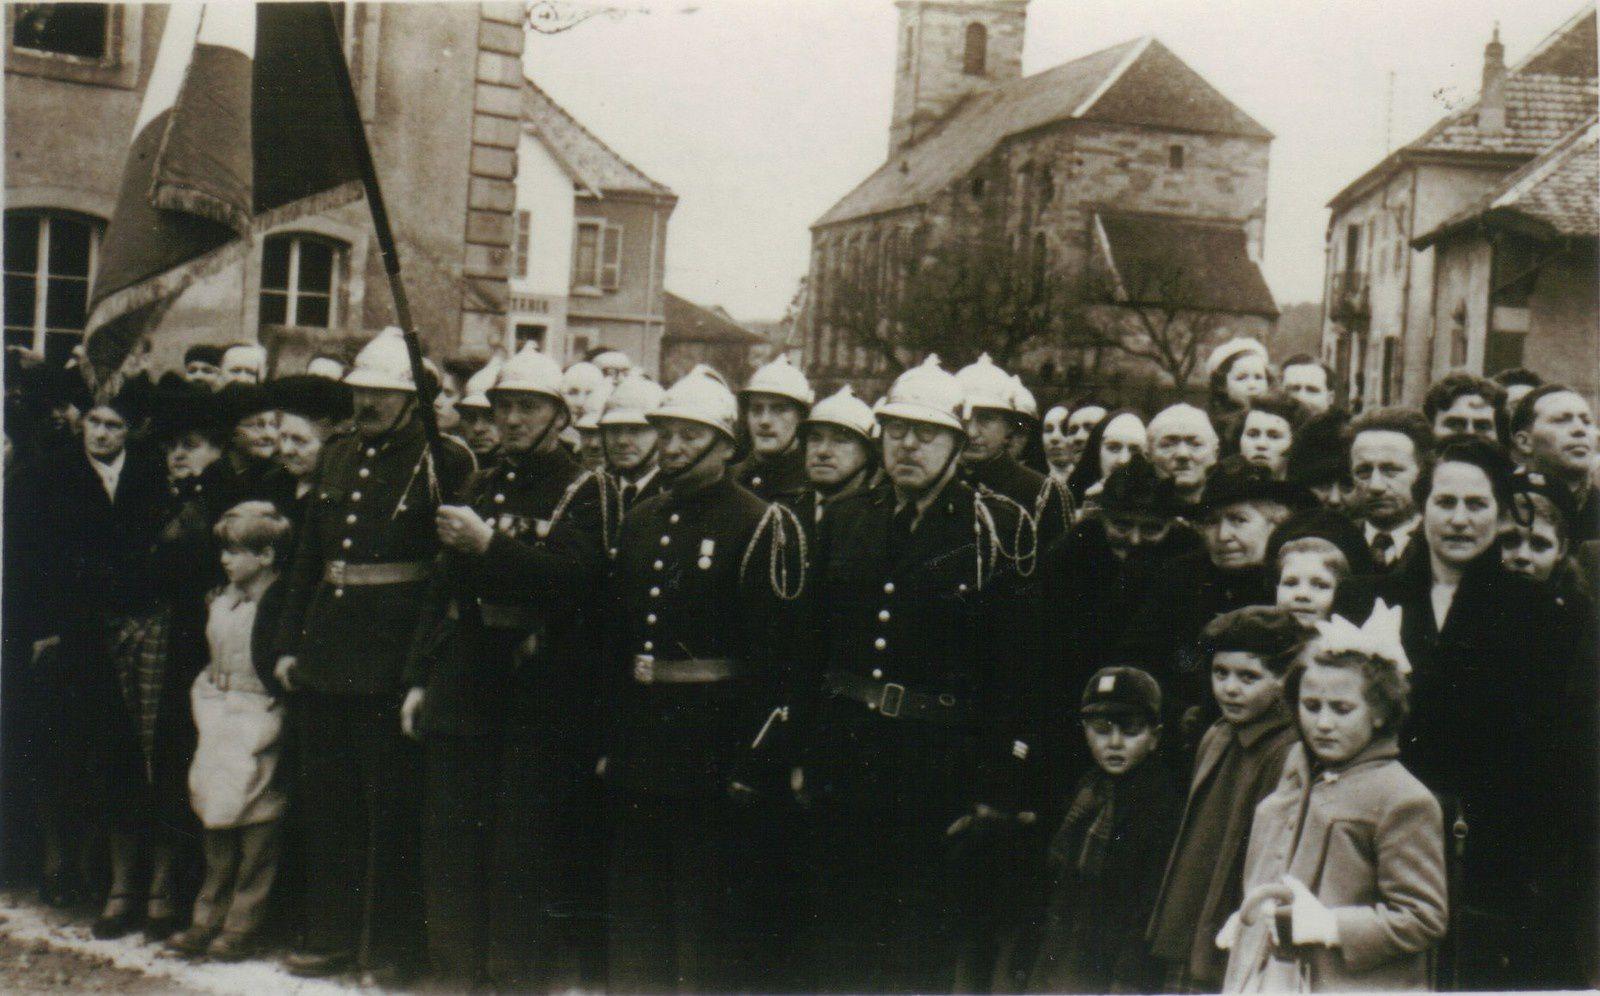 La compagnie des sapeurs-pompiers le 3 avril 1951 lors de la remise de la Légion d'honneur au curé Jeanblanc. On reconnaît au 1er rang – de gauche à droite – Henri Peroz « Tchauvey » (moustache), Edouard Jacquot (au drapeau), Eugène Couturier « Piton » et le chef Arthur Wissler (lunettes). Au 2ème rang : Henri Syriès, Gaston Didier, Mathey, Charles Wissler, Serge Méchinaud. Dans l'assistance : à gauche de Henri Peroz, Jeanne Berli, la bonne du Curé. Adroite Mme Campredon (en noir , derrière elle Lucien Millotte puis Gaston Thomassey. Au premier plan, à droite, la fillette est Nicole Grandjean (Aptel).